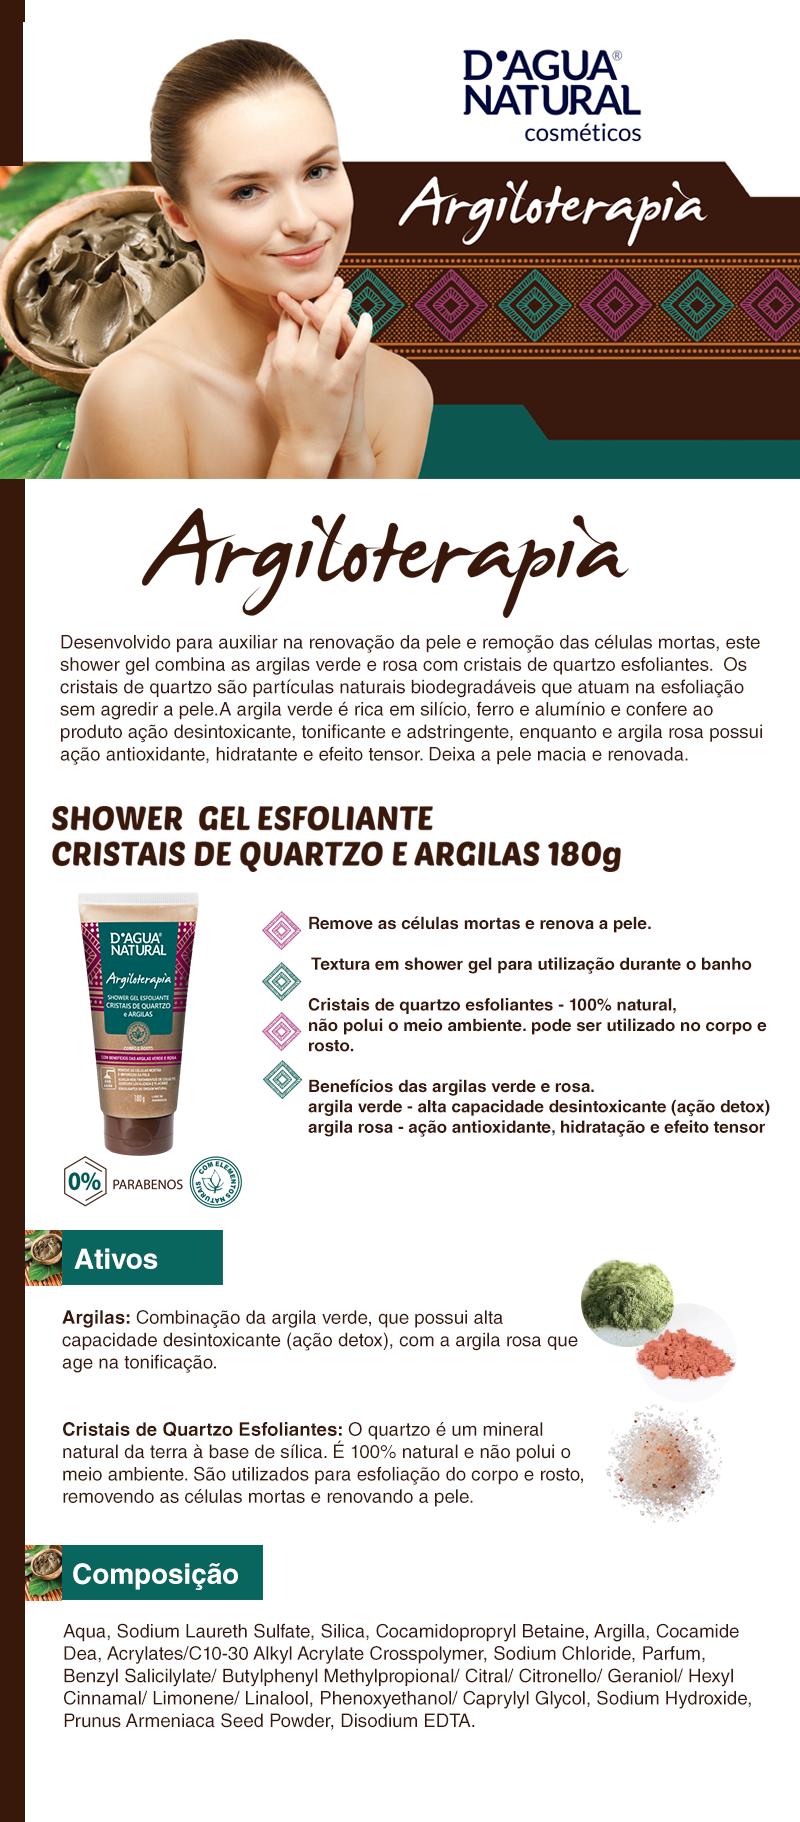 shower-gel-esfoliante-cristais-de-quartzo-e-argilas-dagua-natural-180g